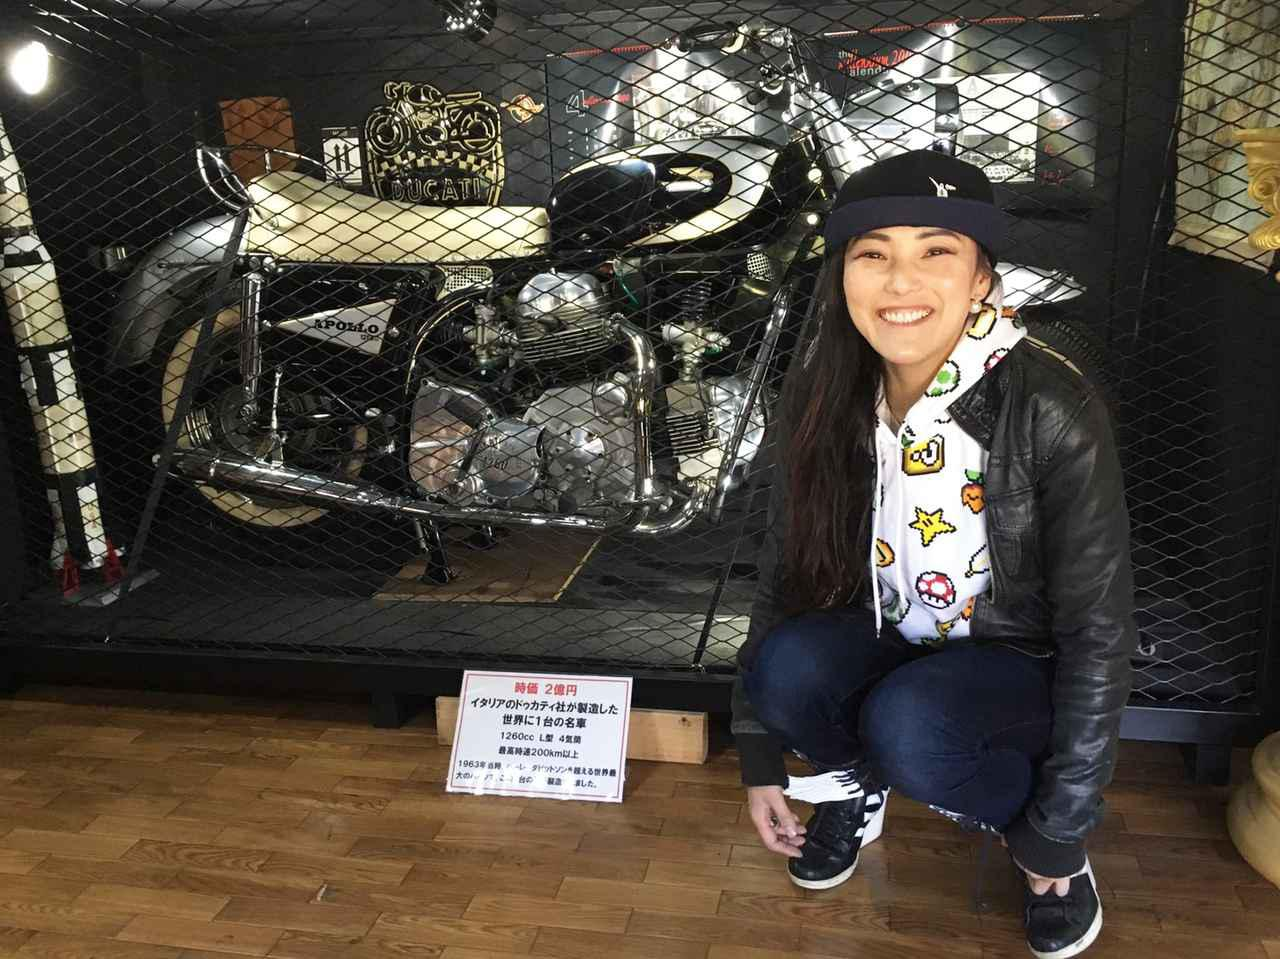 画像: 福山理子の旅先潜入レポート! 大分県に眠る2億円のバイクとは? 湯布院の「岩下コレクション」へ【ツーリング紀行】 - webオートバイ